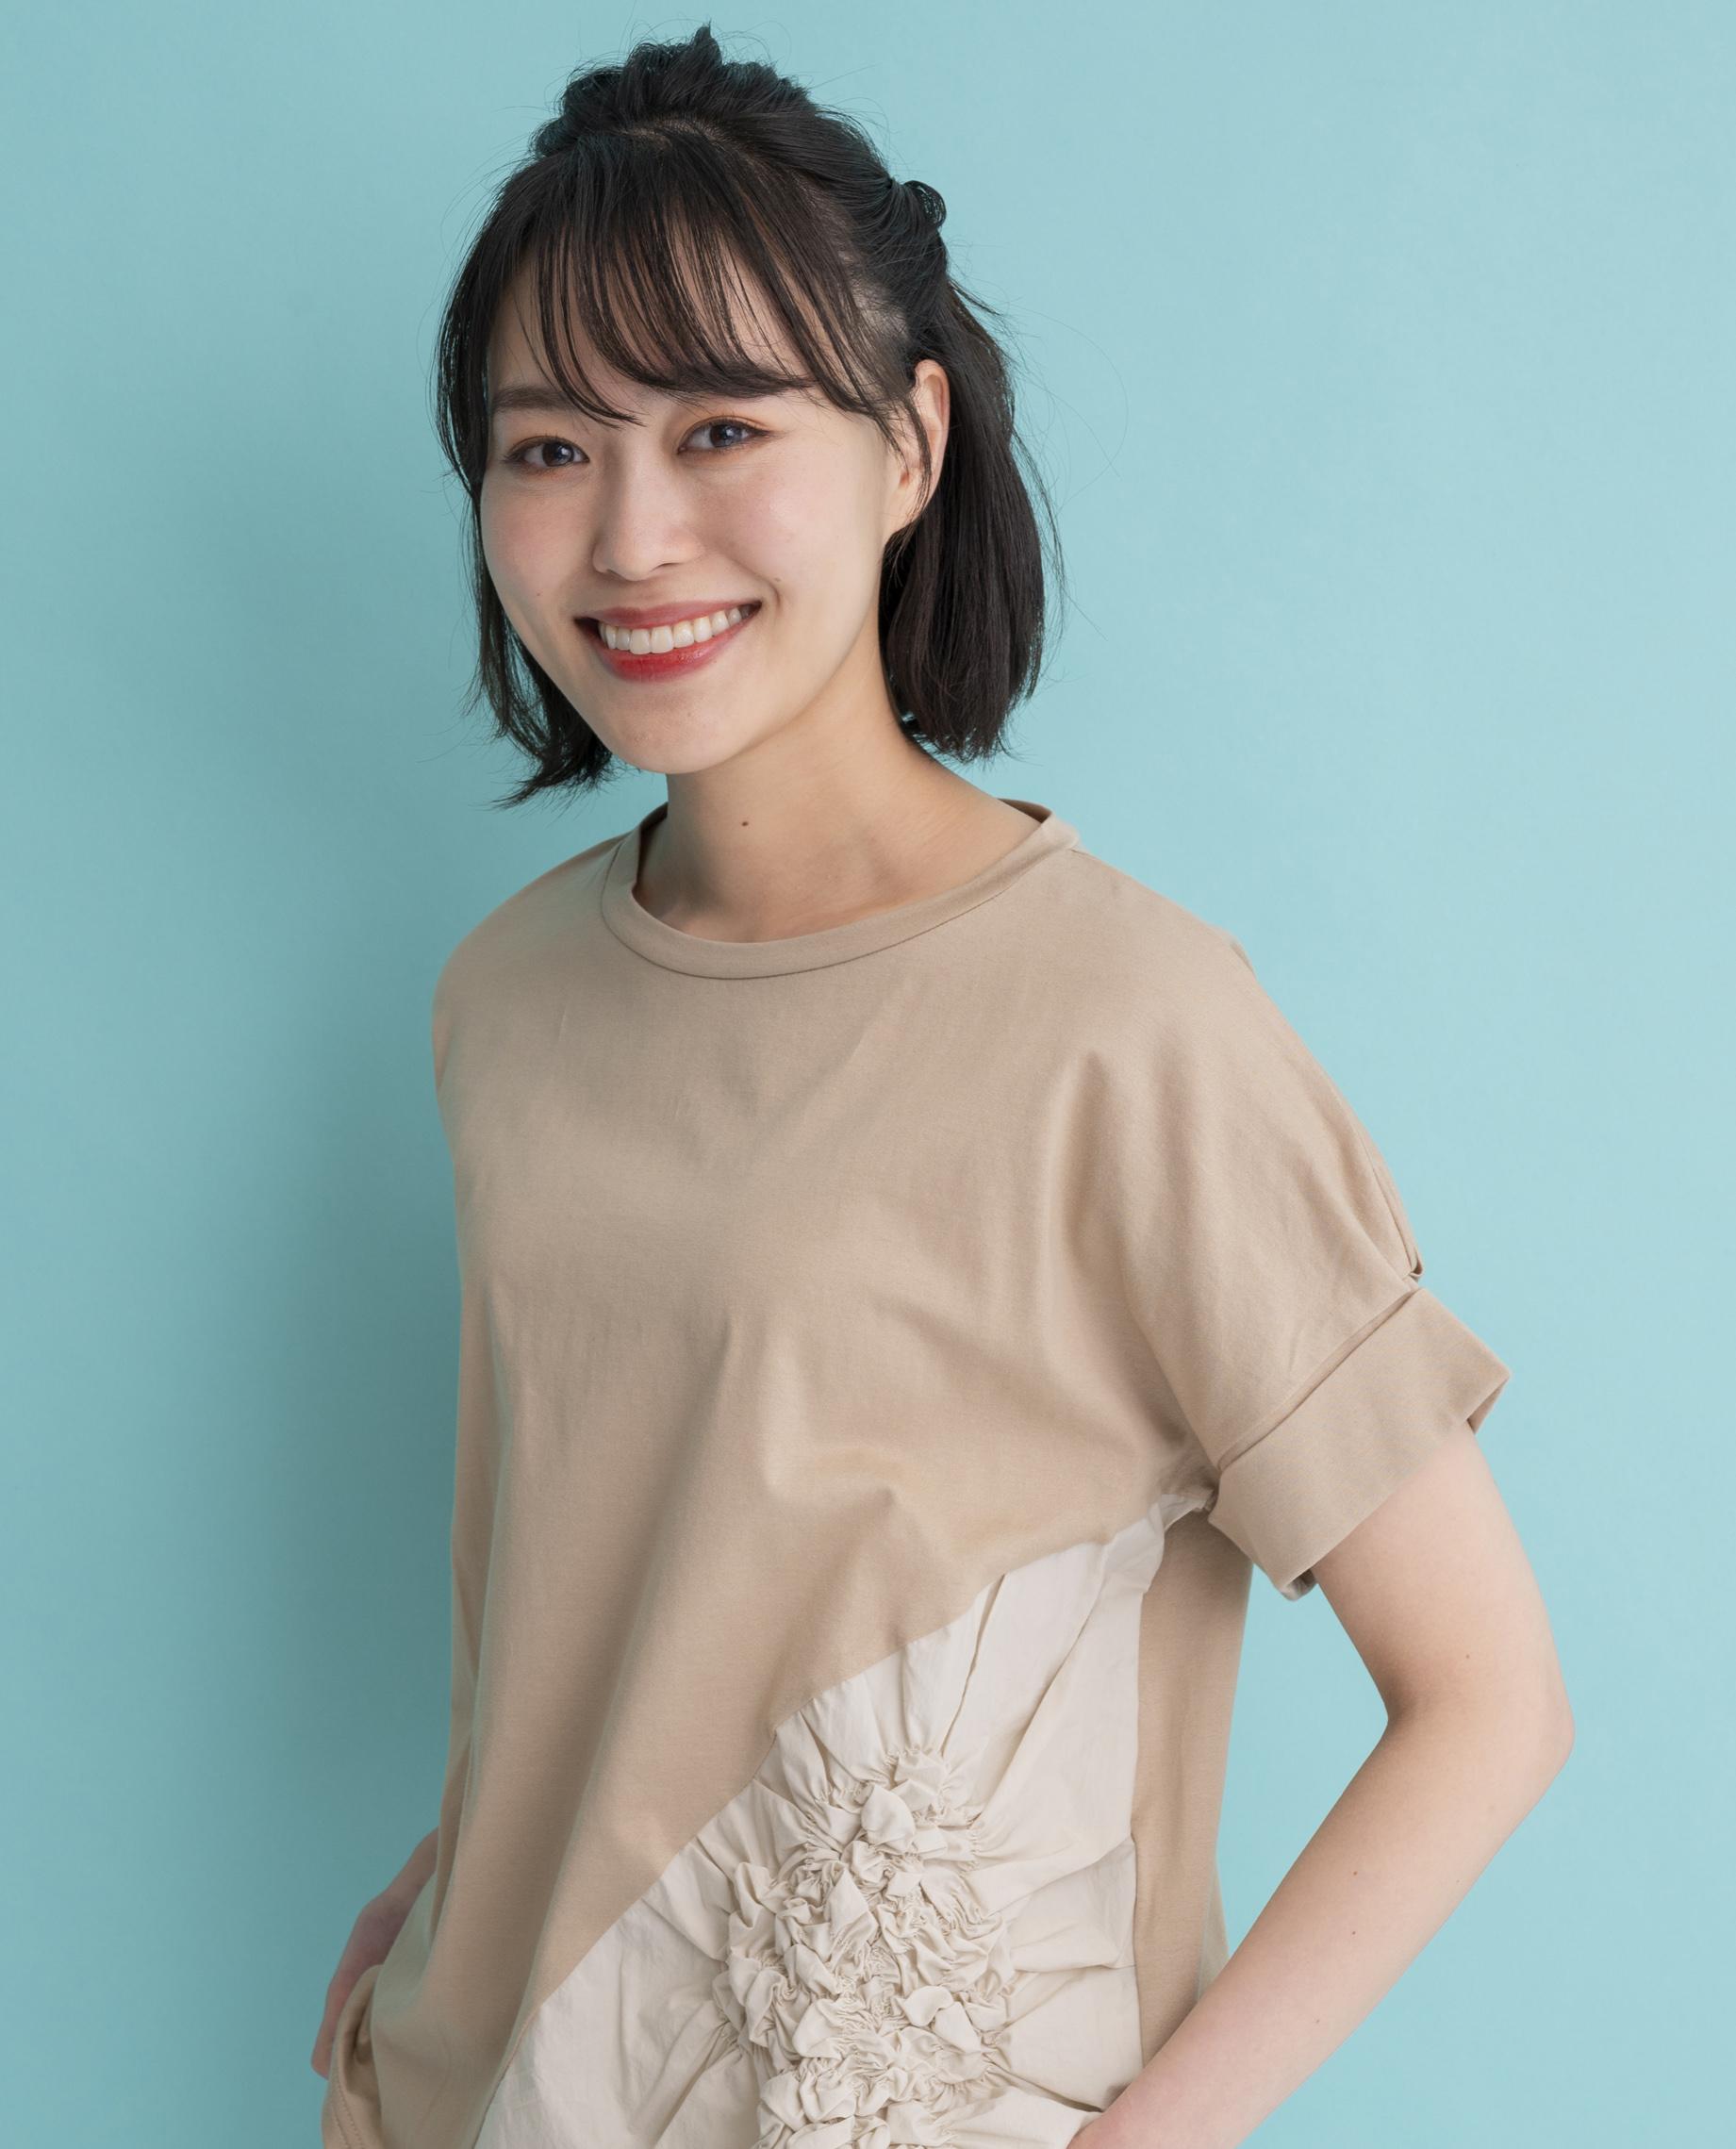 デザインシャーリング加工Tシャツ